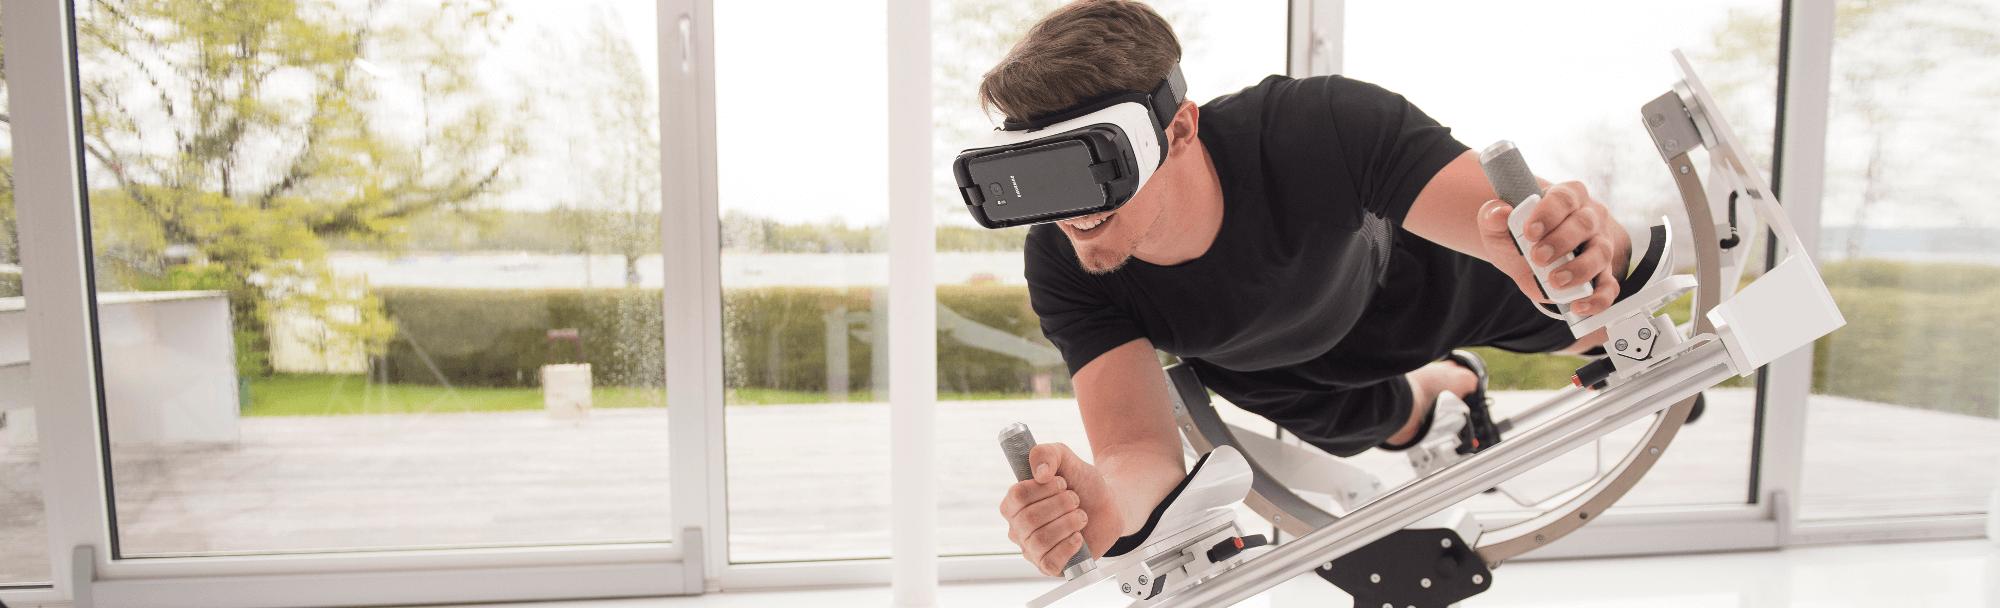 Icaros-Flugsimulator mit VR-Brille